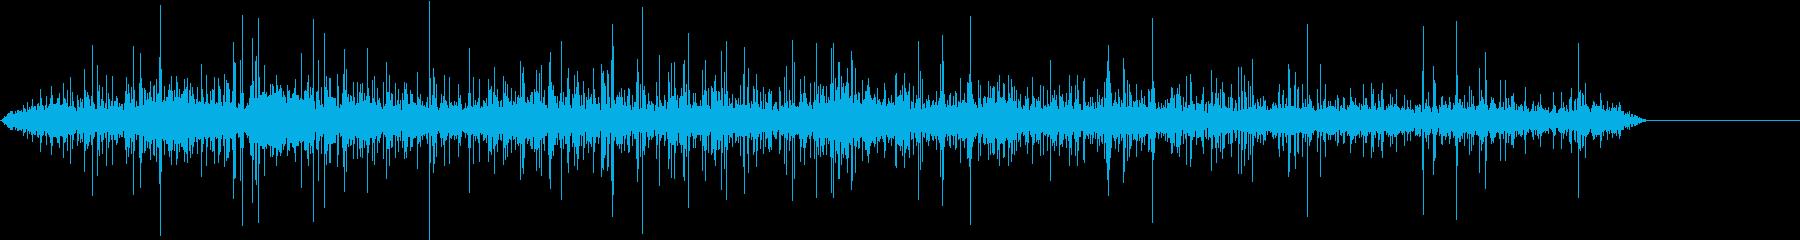 【生録音】ジューっと食材が焼ける音 3の再生済みの波形